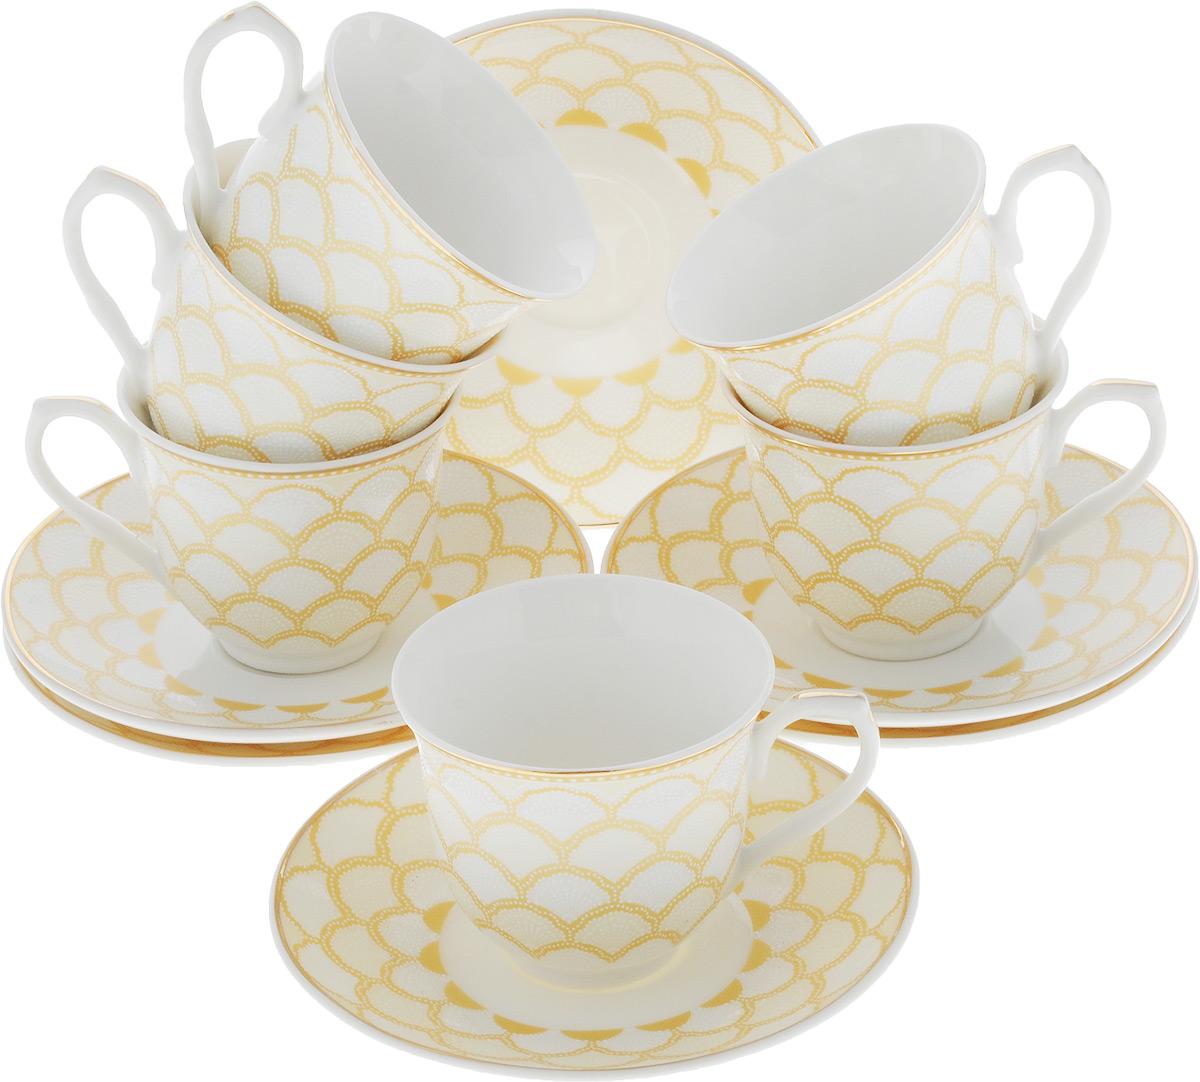 Сервиз кофейный Loraine, 12 предметов. 26436-126436-1Кофейный сервиз Loraine на 6 персон выполнен из высококачественного костяного фарфора - материала, безопасного для здоровья и надолго сохраняющего тепло напитка. В наборе 6 чашек и 6 блюдец. Несмотря на свою внешнюю хрупкость, каждый из предметов набора обладает высокой прочностью и надежностью. Изделия украшены тонкой золотой каймой, внешние стенки дополнены красивым рельефным рисунком. Элегантный классический дизайн сделает этот набор изысканным украшением любого стола. Набор упакован в подарочную коробку, поэтому его можно преподнести в качестве оригинального и практичного подарка для родных и близких. Объем чашки: 80 мл. Диаметр чашки (по верхнему краю): 6 см. Высота чашки: 5,5 см. Диаметр блюдца: 11 см.